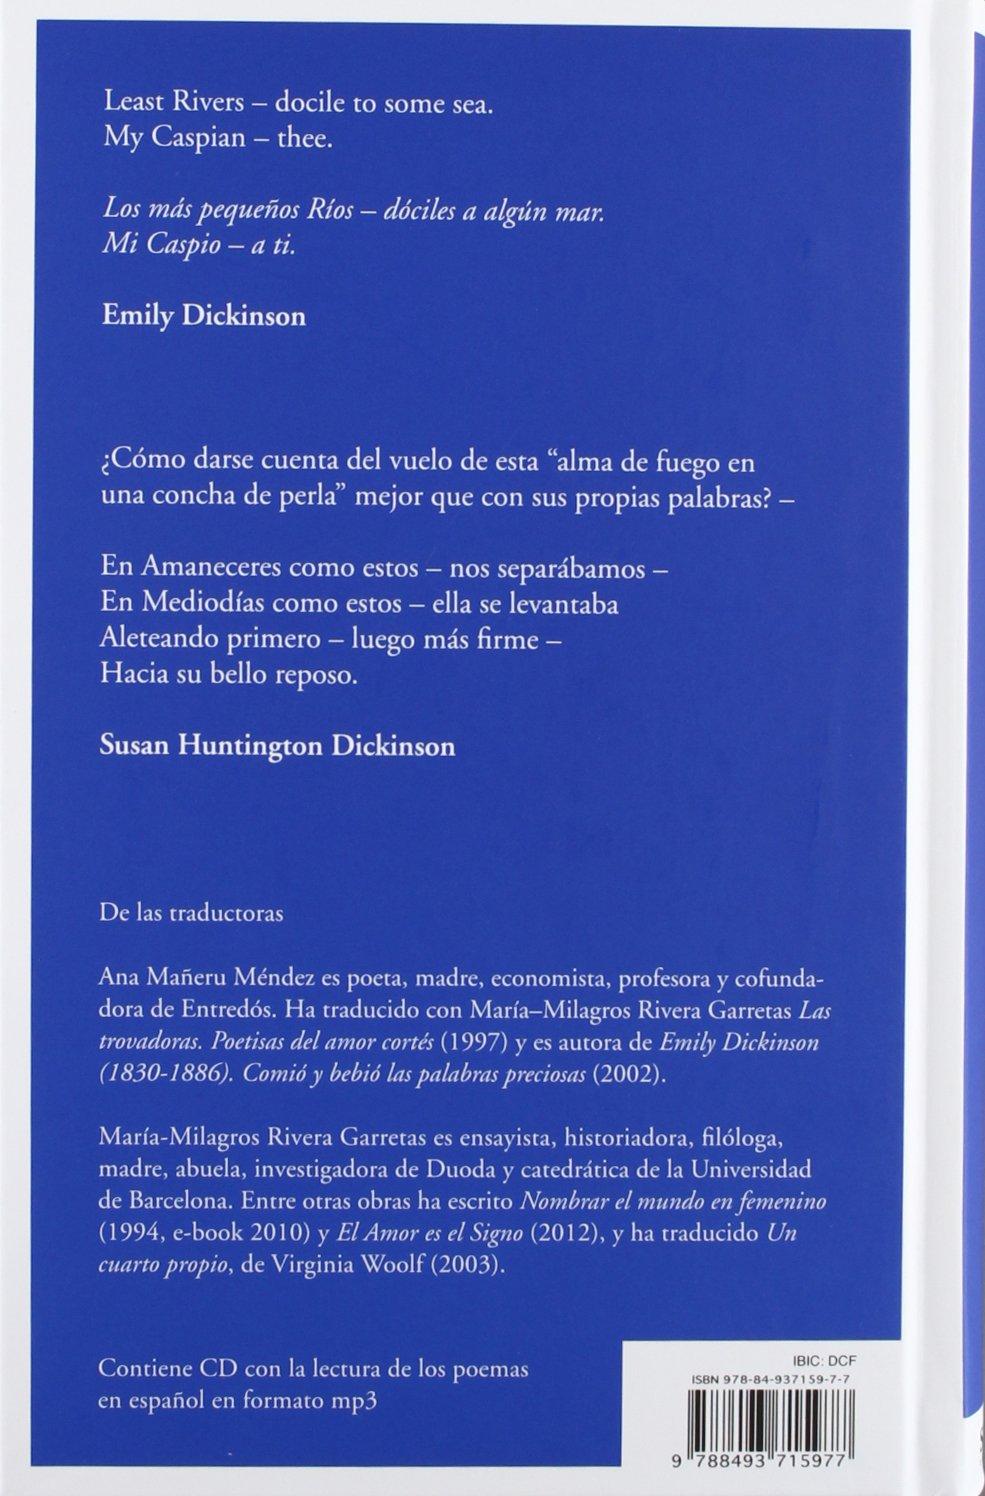 EMILY DiCKINSON. Poemas 1-600 Fue- culpa- del Para¡so Poesía: Amazon.es: Emily Dickinson, Kiki Bauer, Ana; Rivera Garretas, María-Milagros Mañeru Méndez: ...